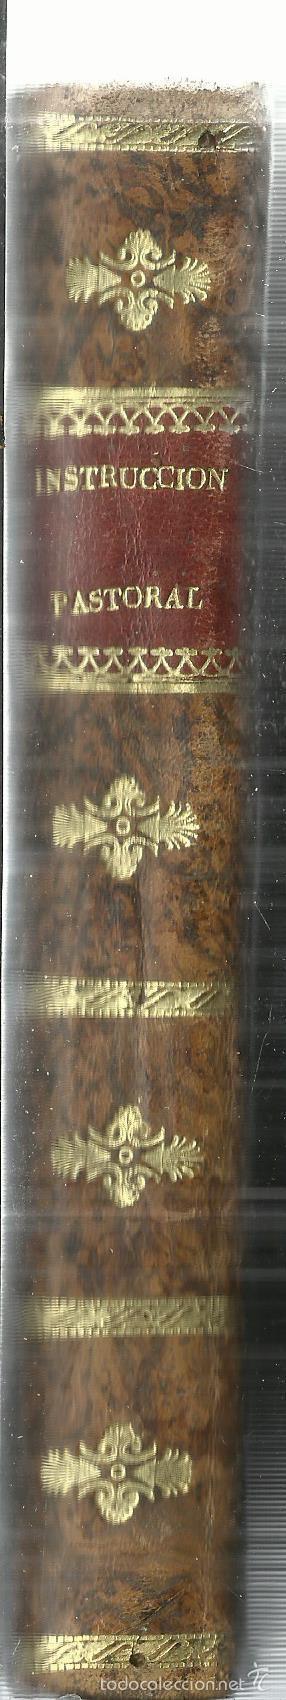 Libros antiguos: INSTRUCCIÓN PASTORAL AL CLERO Y PUEBLO DE SU DIÓCESIS. 3 OBRAS EN UN TOMO. I. BRUSI.MALLORCA. 1813 - Foto 2 - 57765974